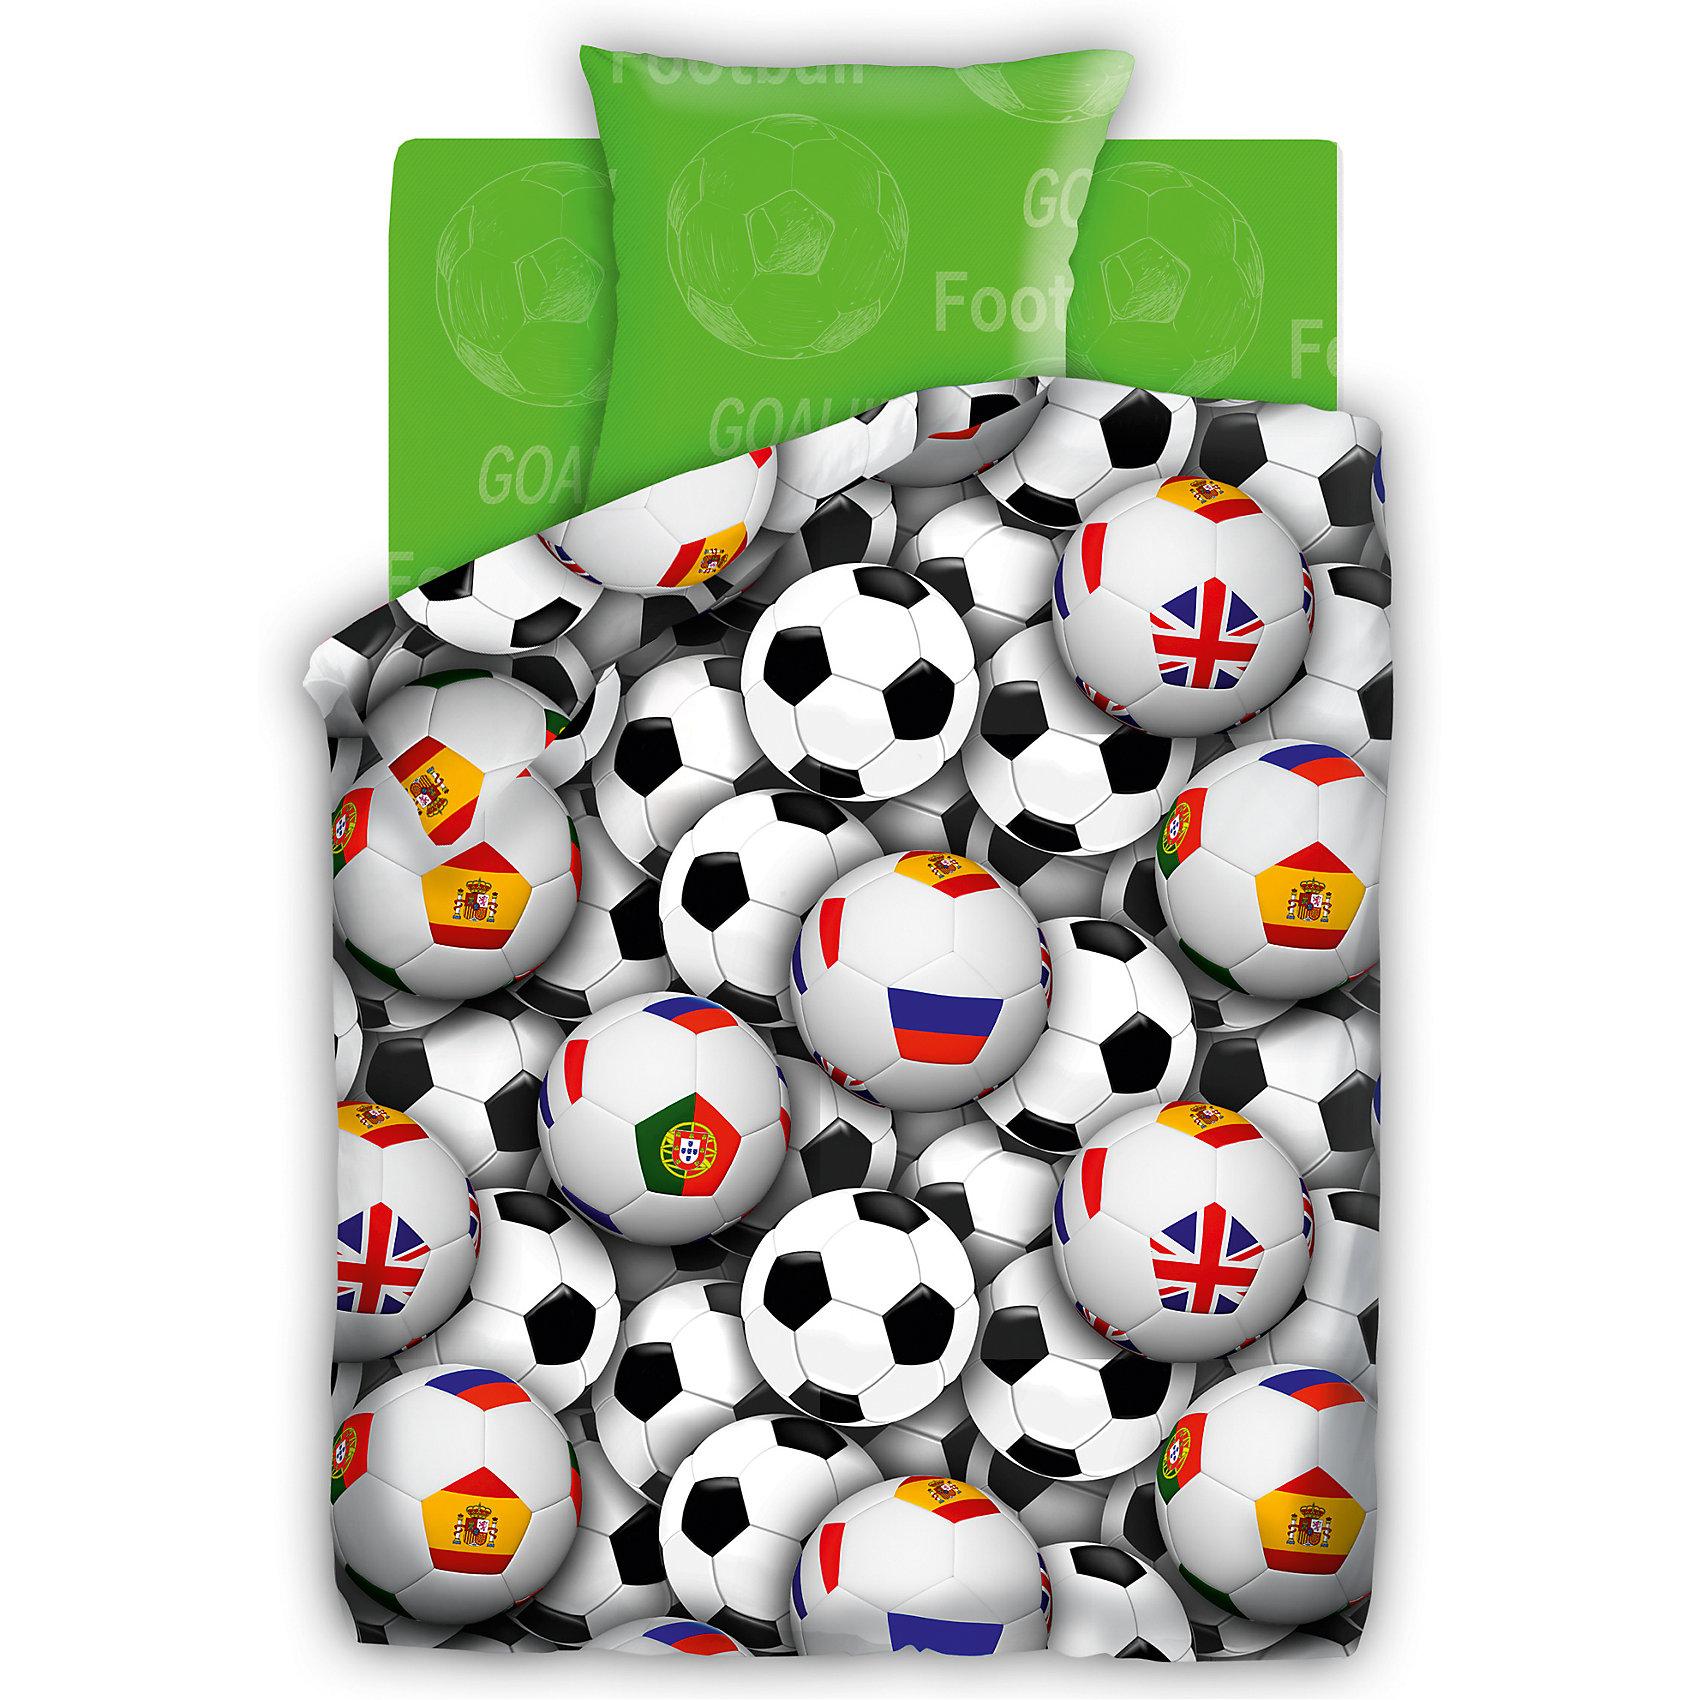 4YOU Комплект Футбол, FOR YOU купить билет на футбол германия 26 января